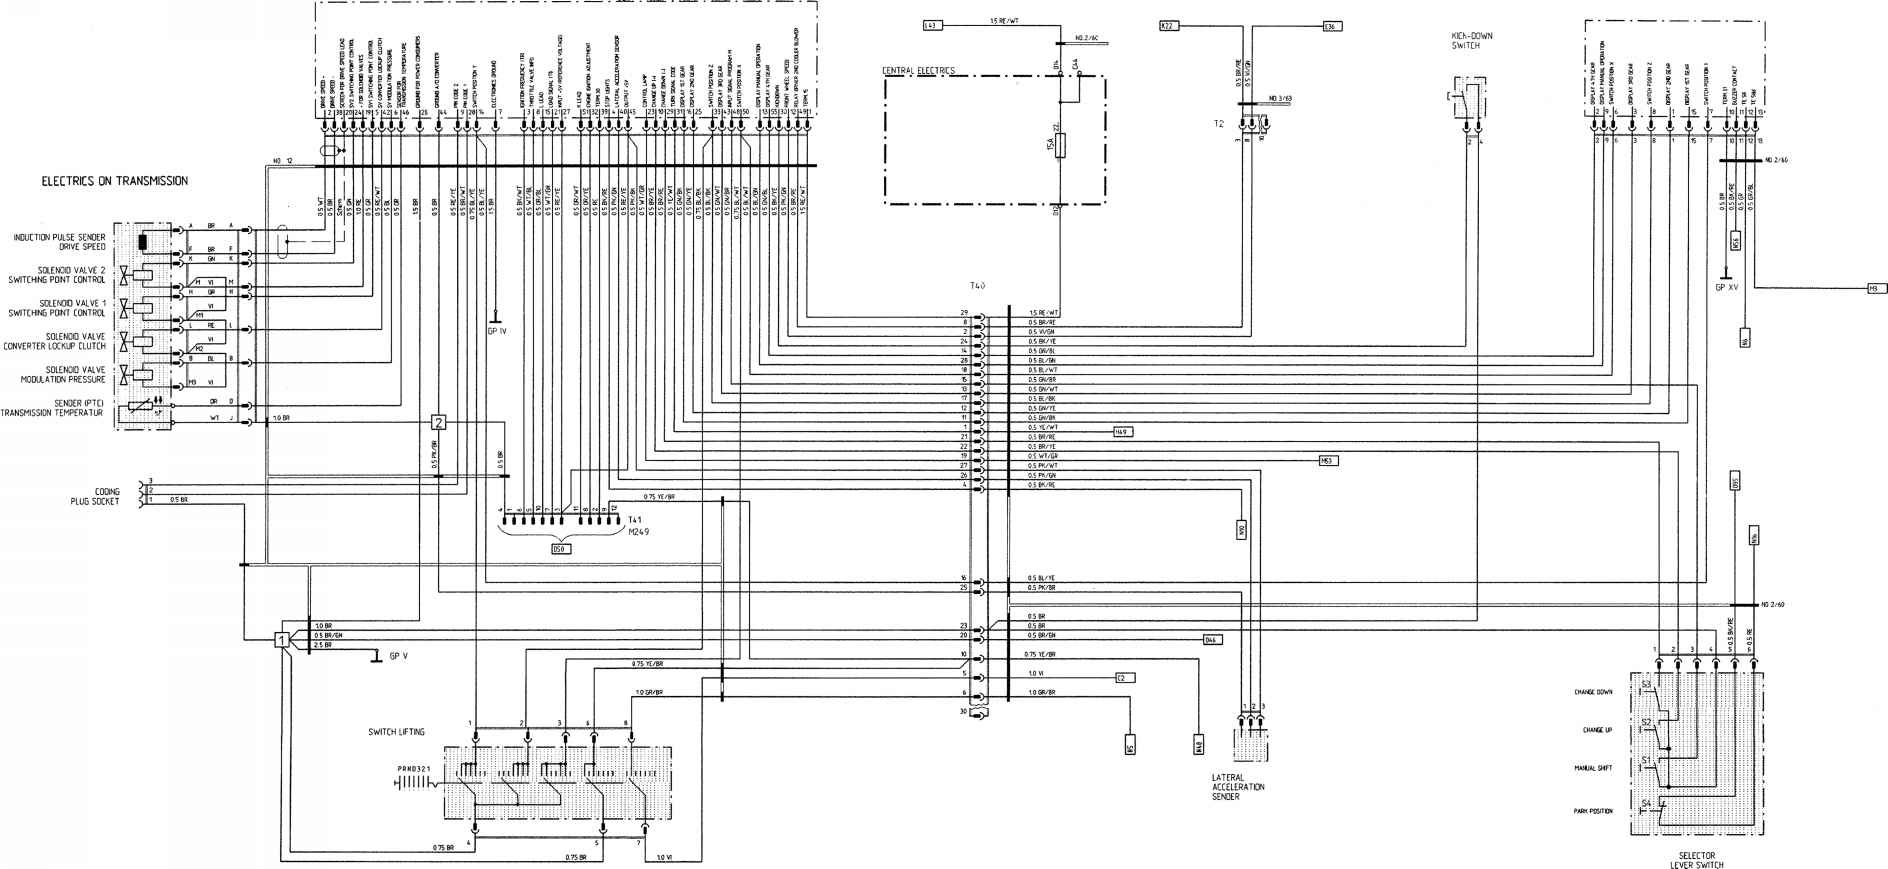 Porsche 996 Turbo Wiring Diagram - Wiring Diagrams Schema